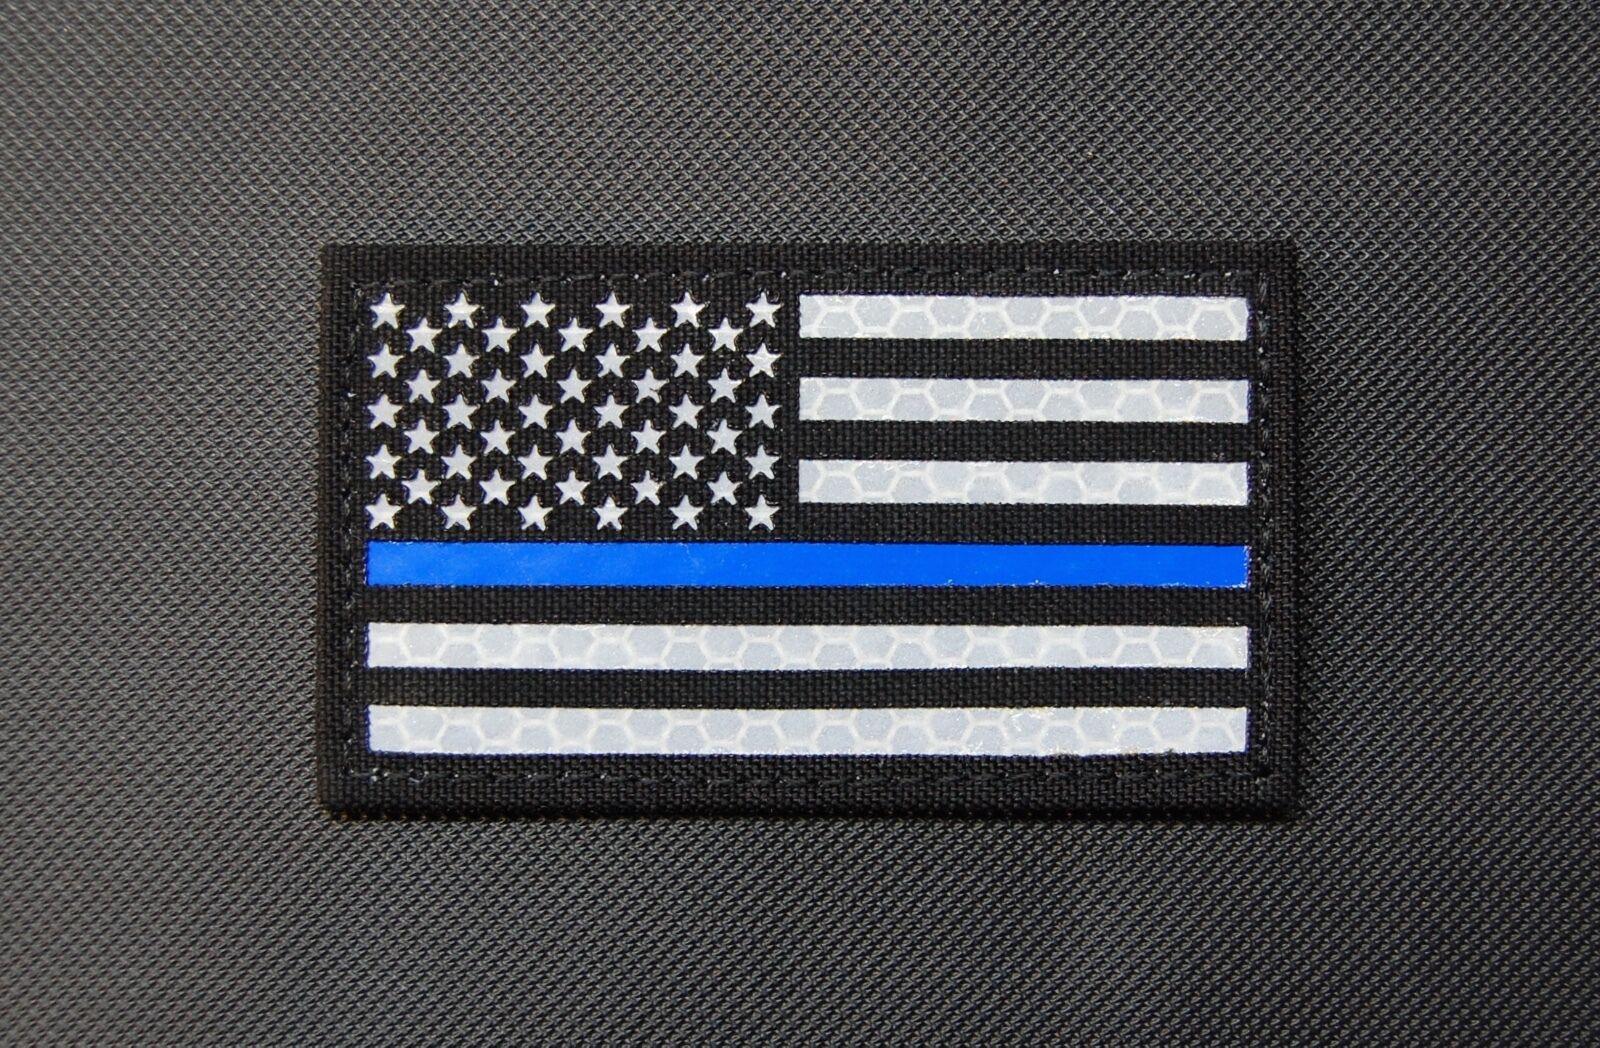 thin blue line union flag patch cops - HD1600×1048